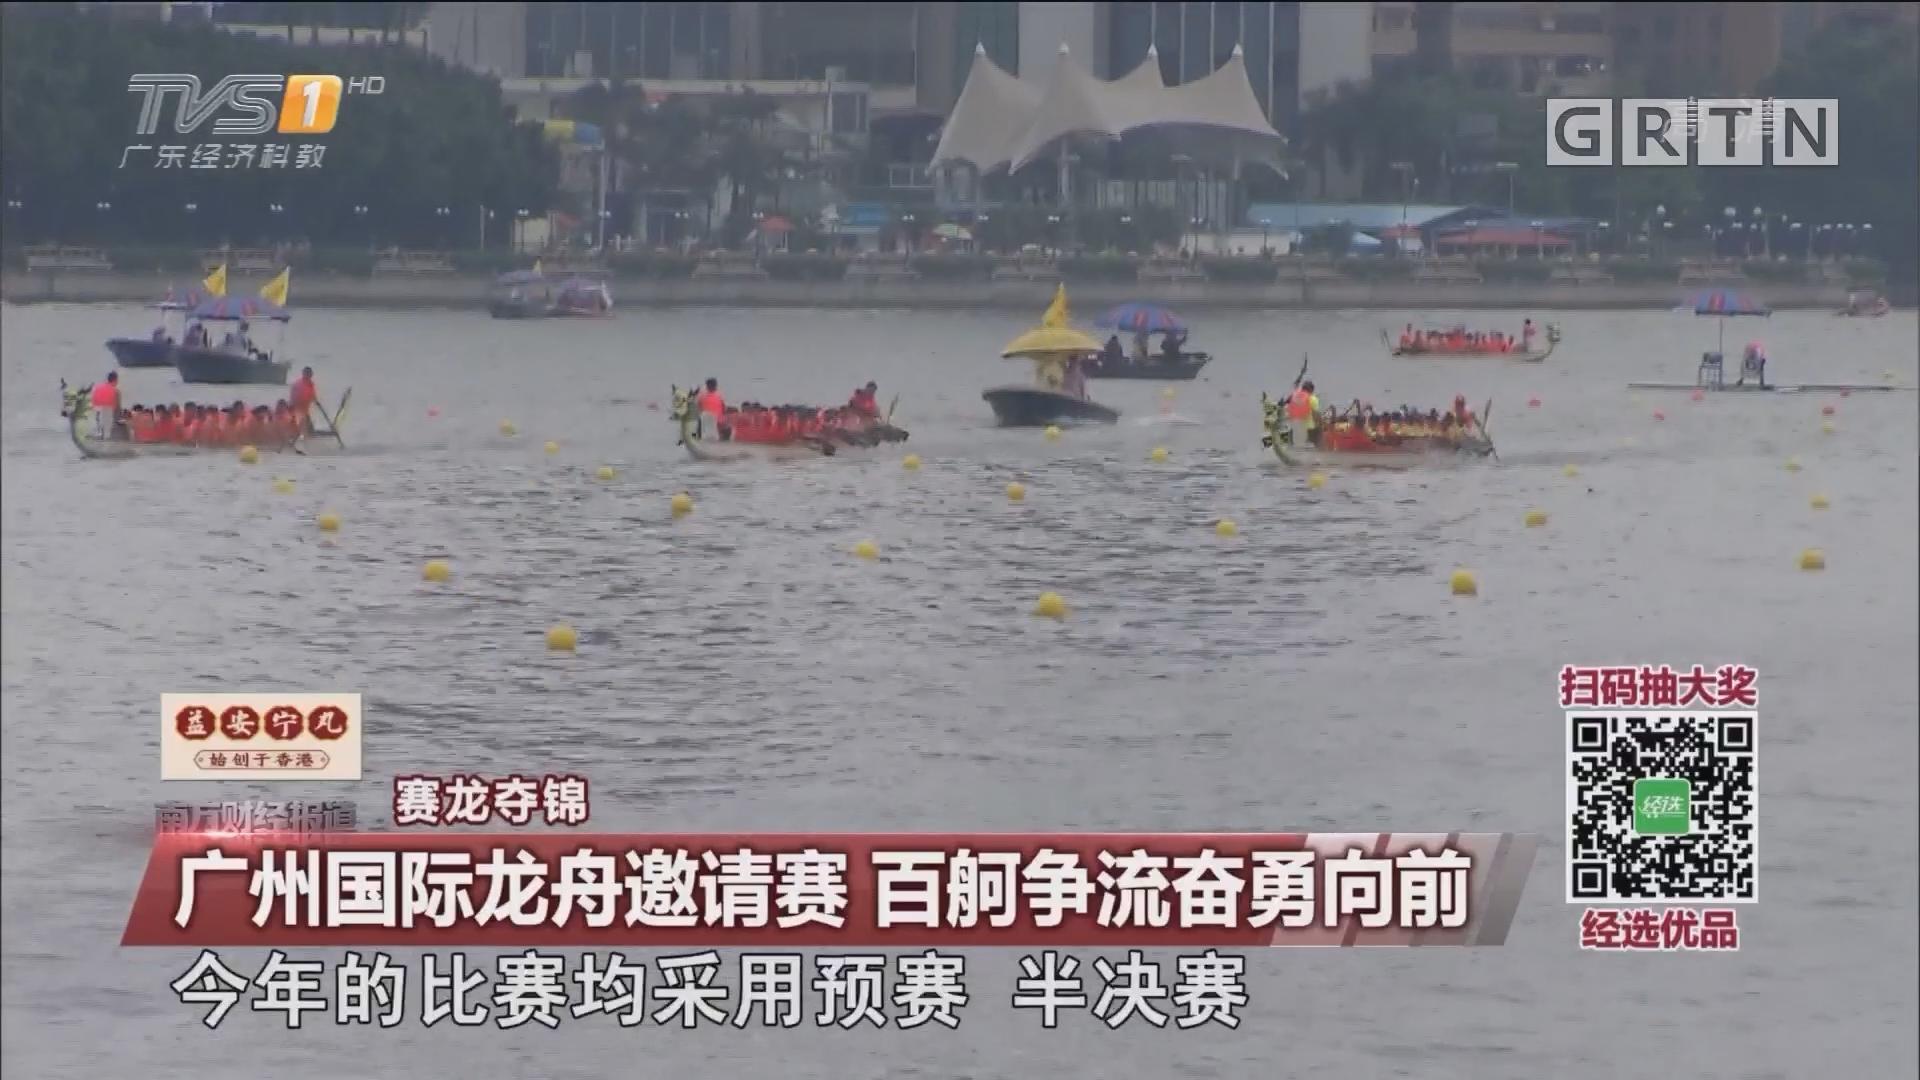 赛龙夺锦:广州国际龙舟邀请赛 百舸争流奋勇向前